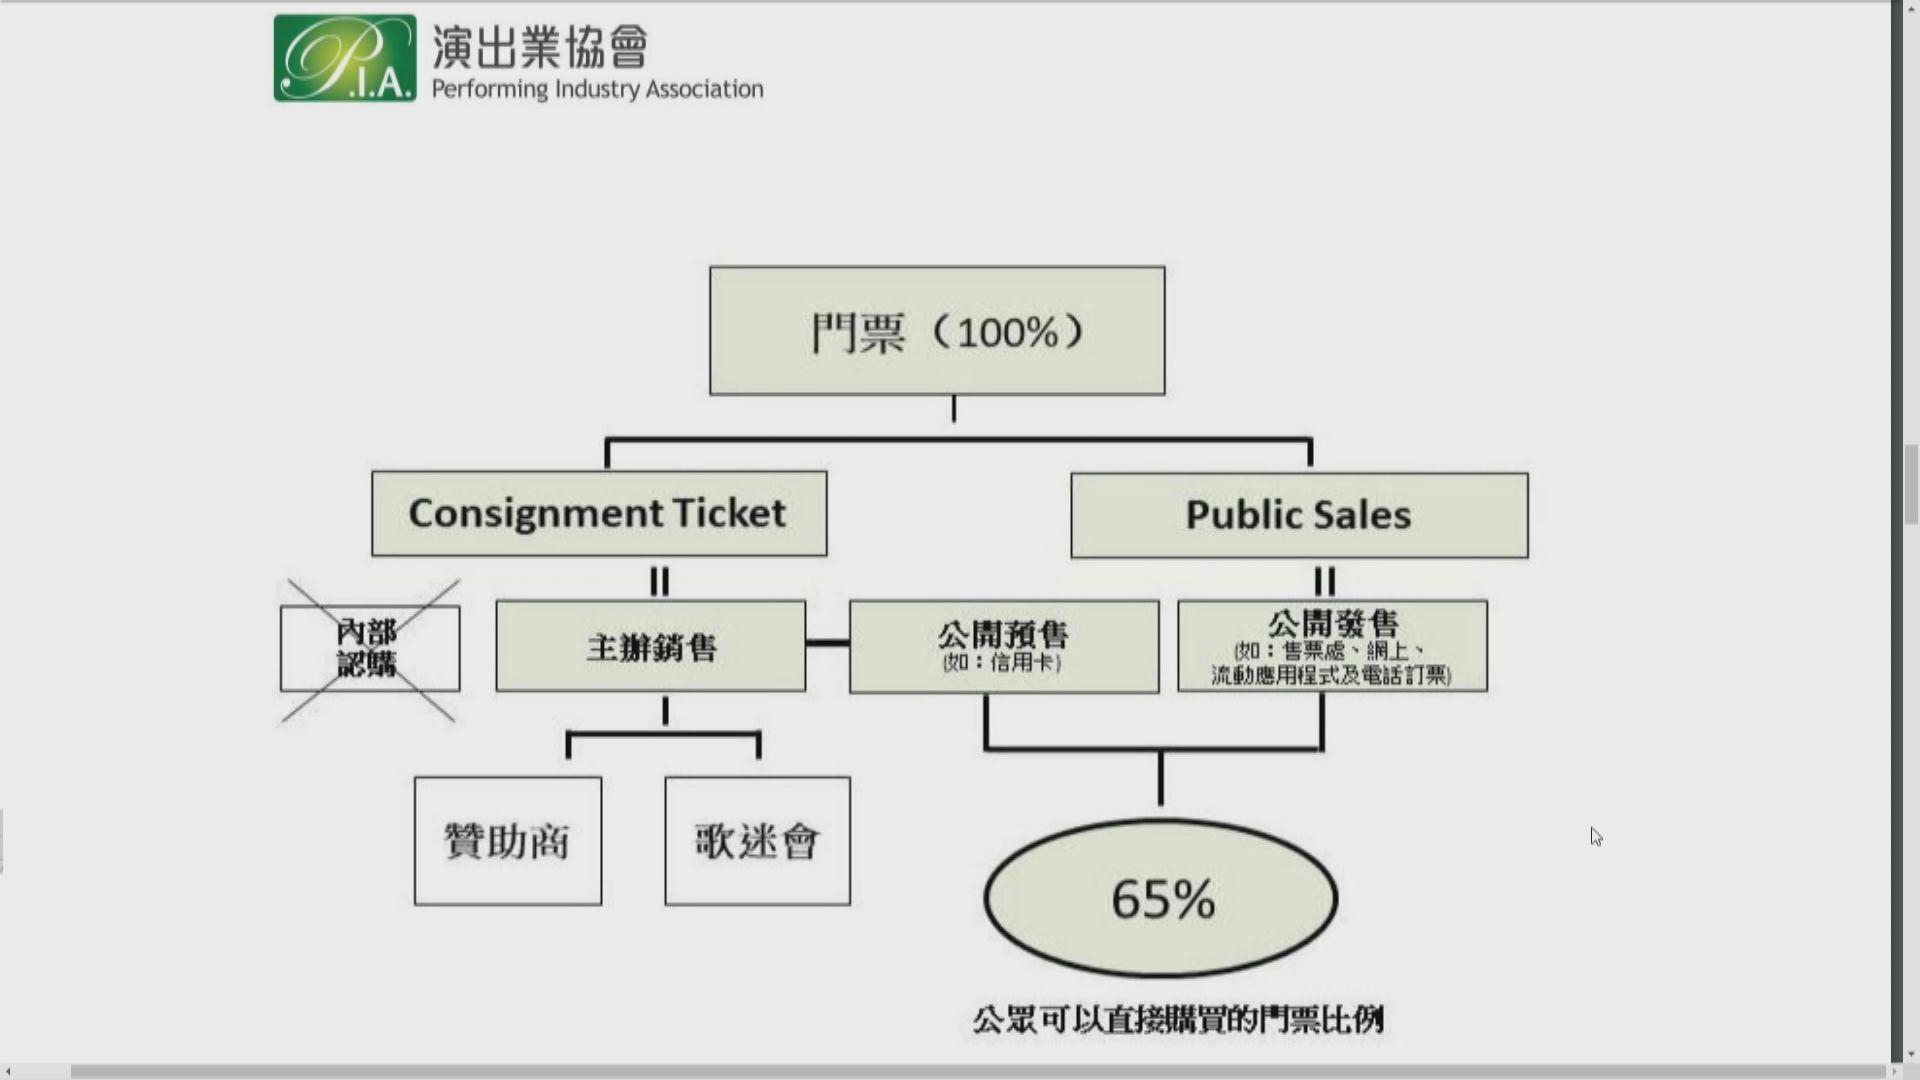 演出業協會反對修改內部認購門票比例